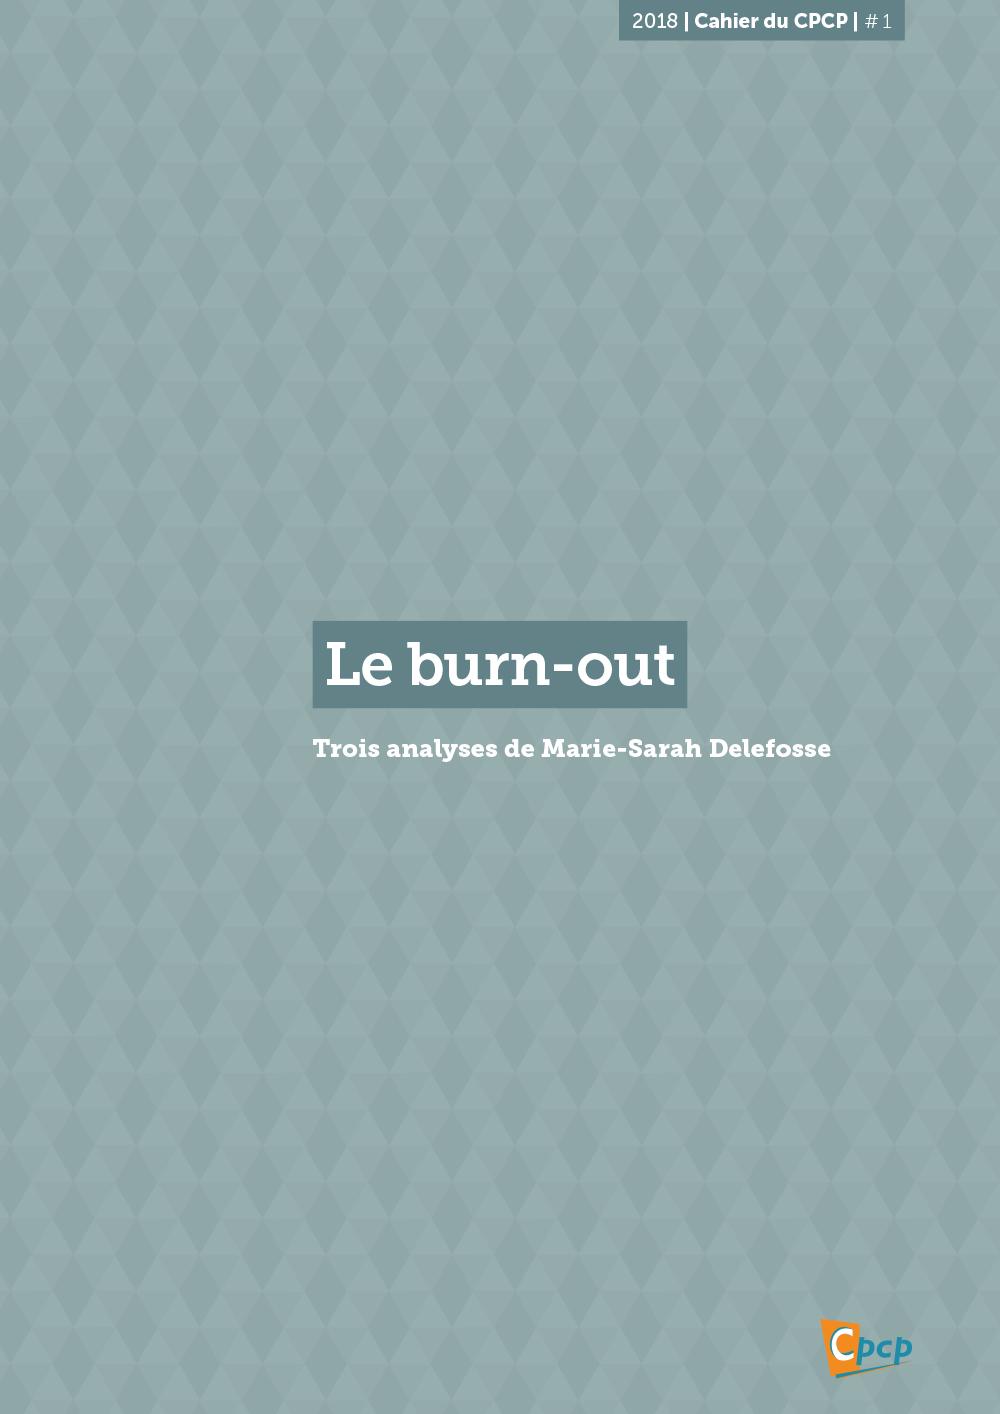 cover publication spécial burnout